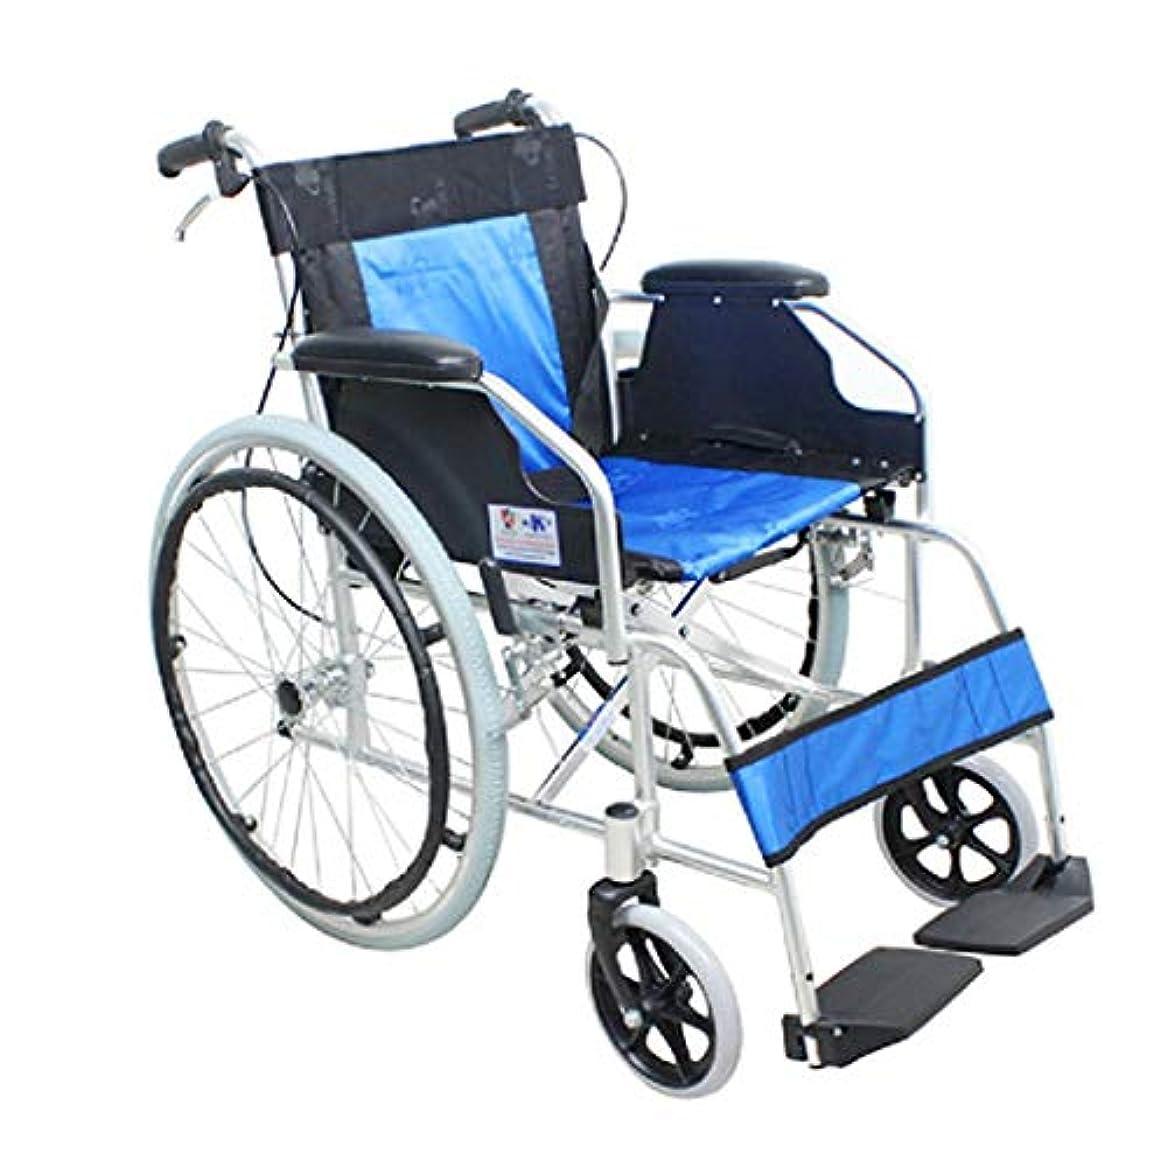 遊び場資料尽きるアルミ合金車椅子折りたたみポータブル障害者高齢者車椅子4ブレーキデザインバックストレージバッグ